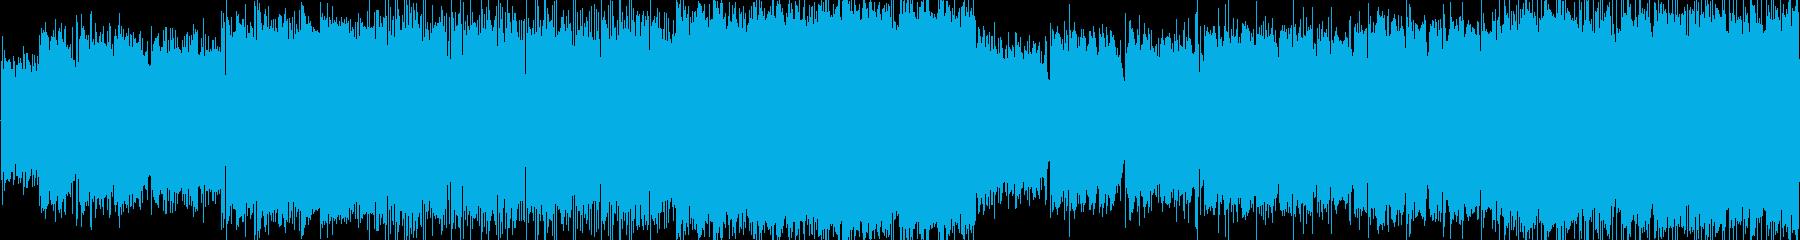 情熱的なバラードの再生済みの波形